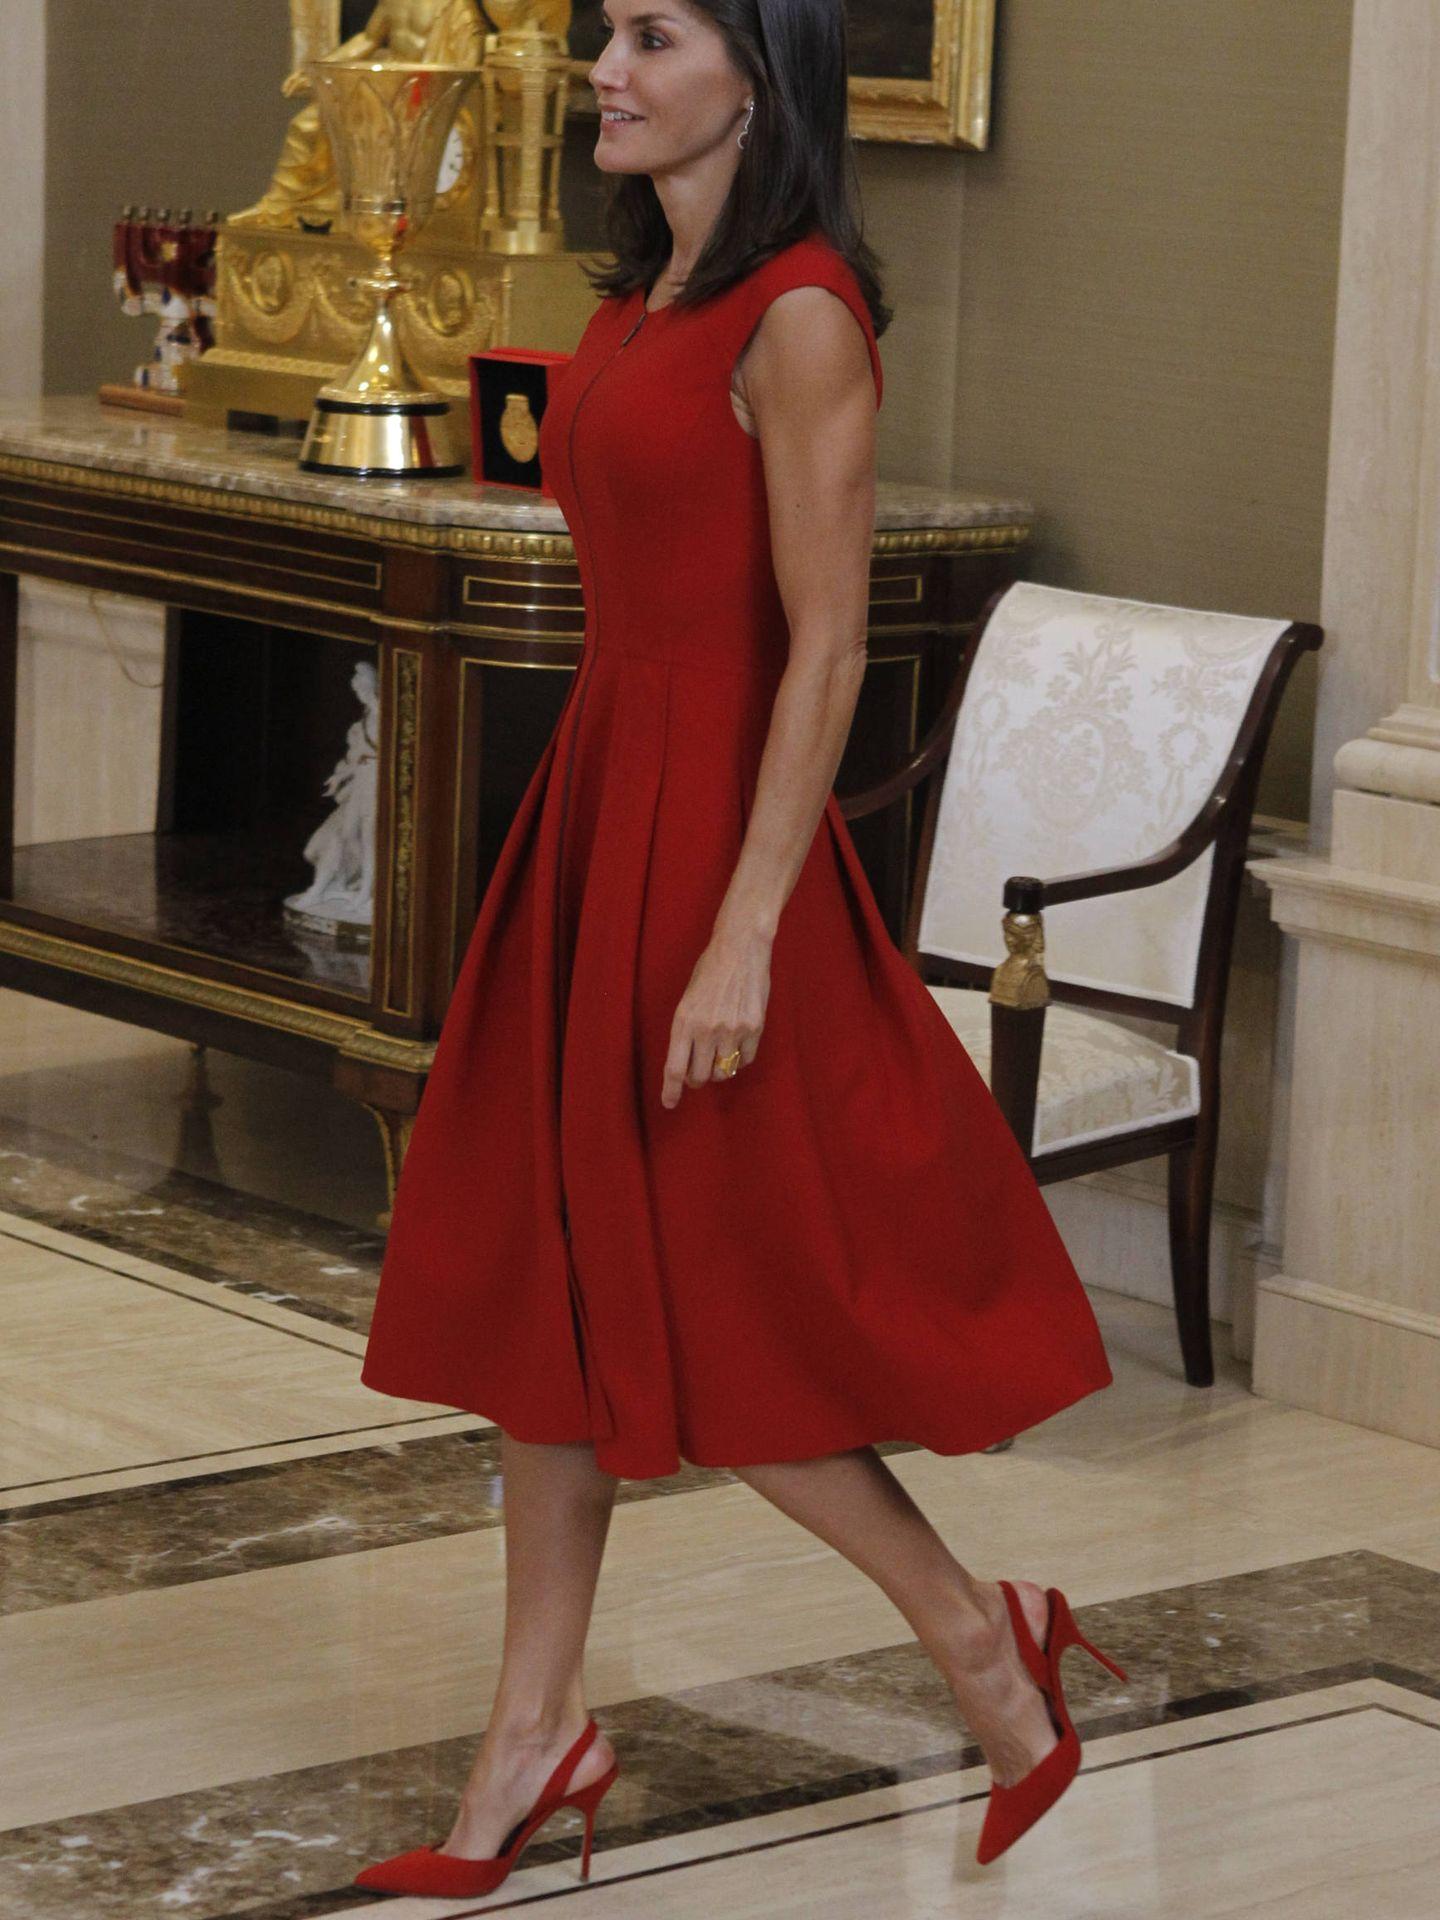 La reina Letizia, este lunes en el palacio de la Zarzuela. (Limited Pictures)